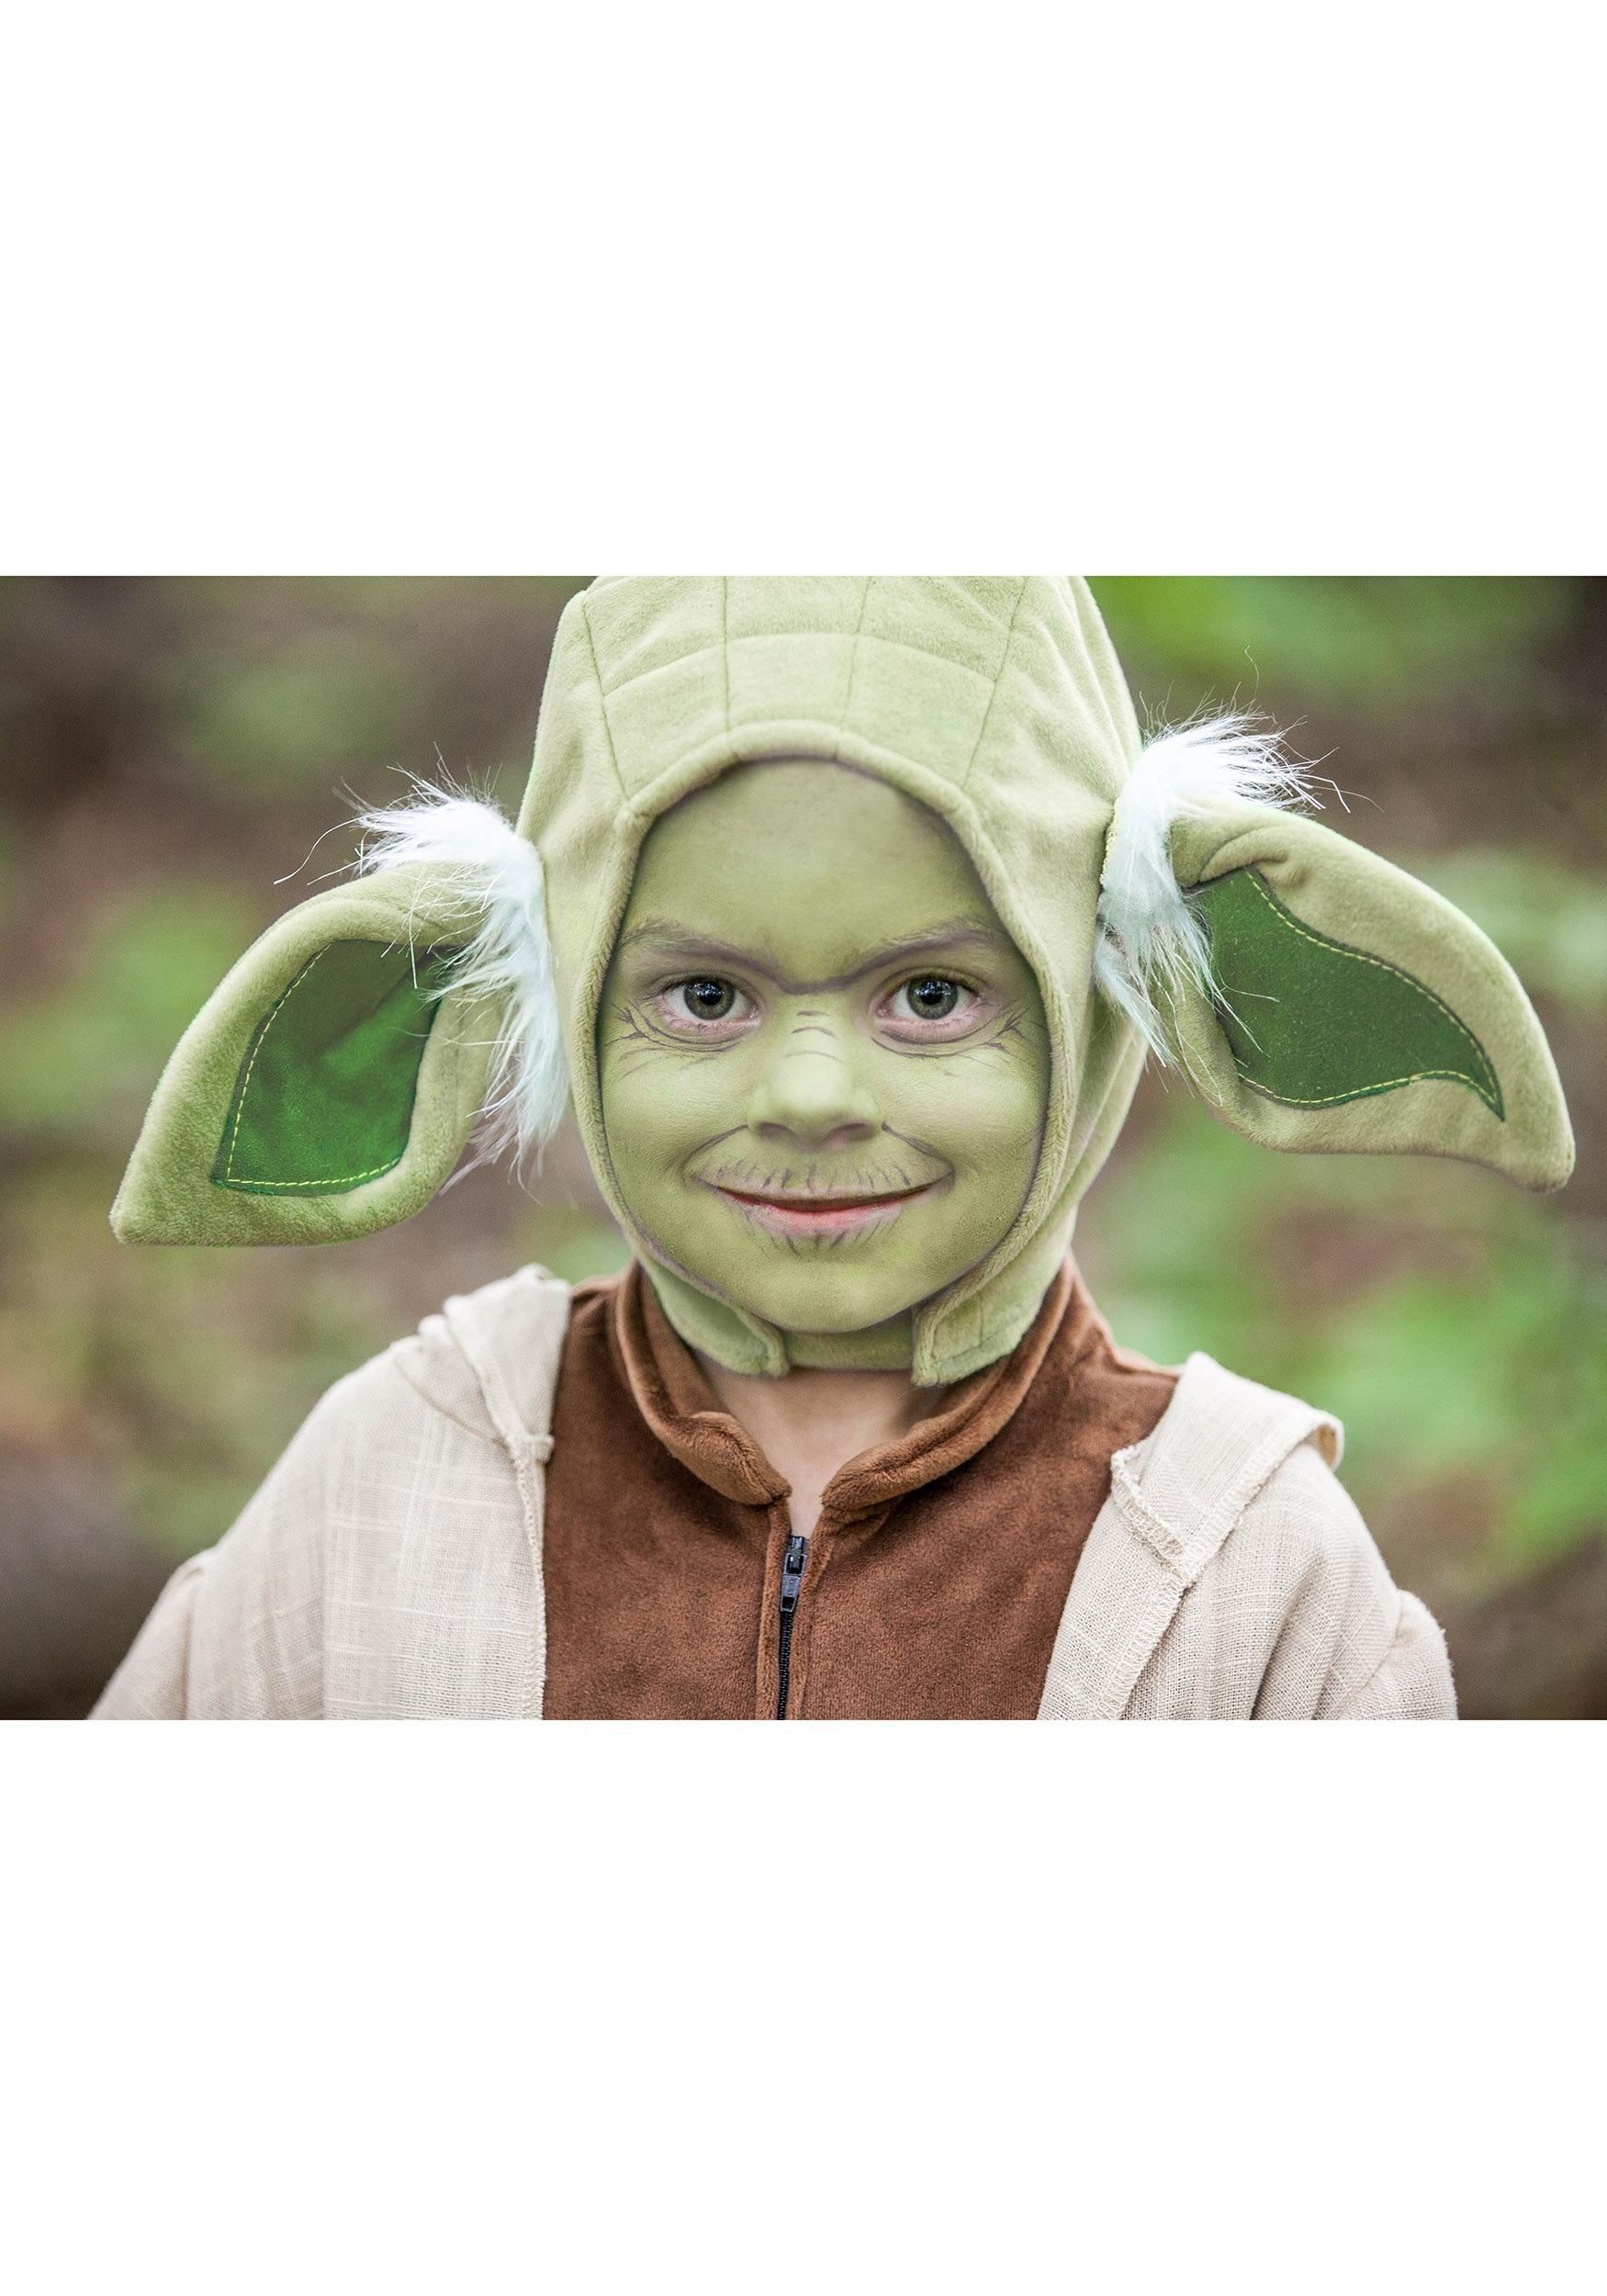 Star Wars Yoda Costume For Kids